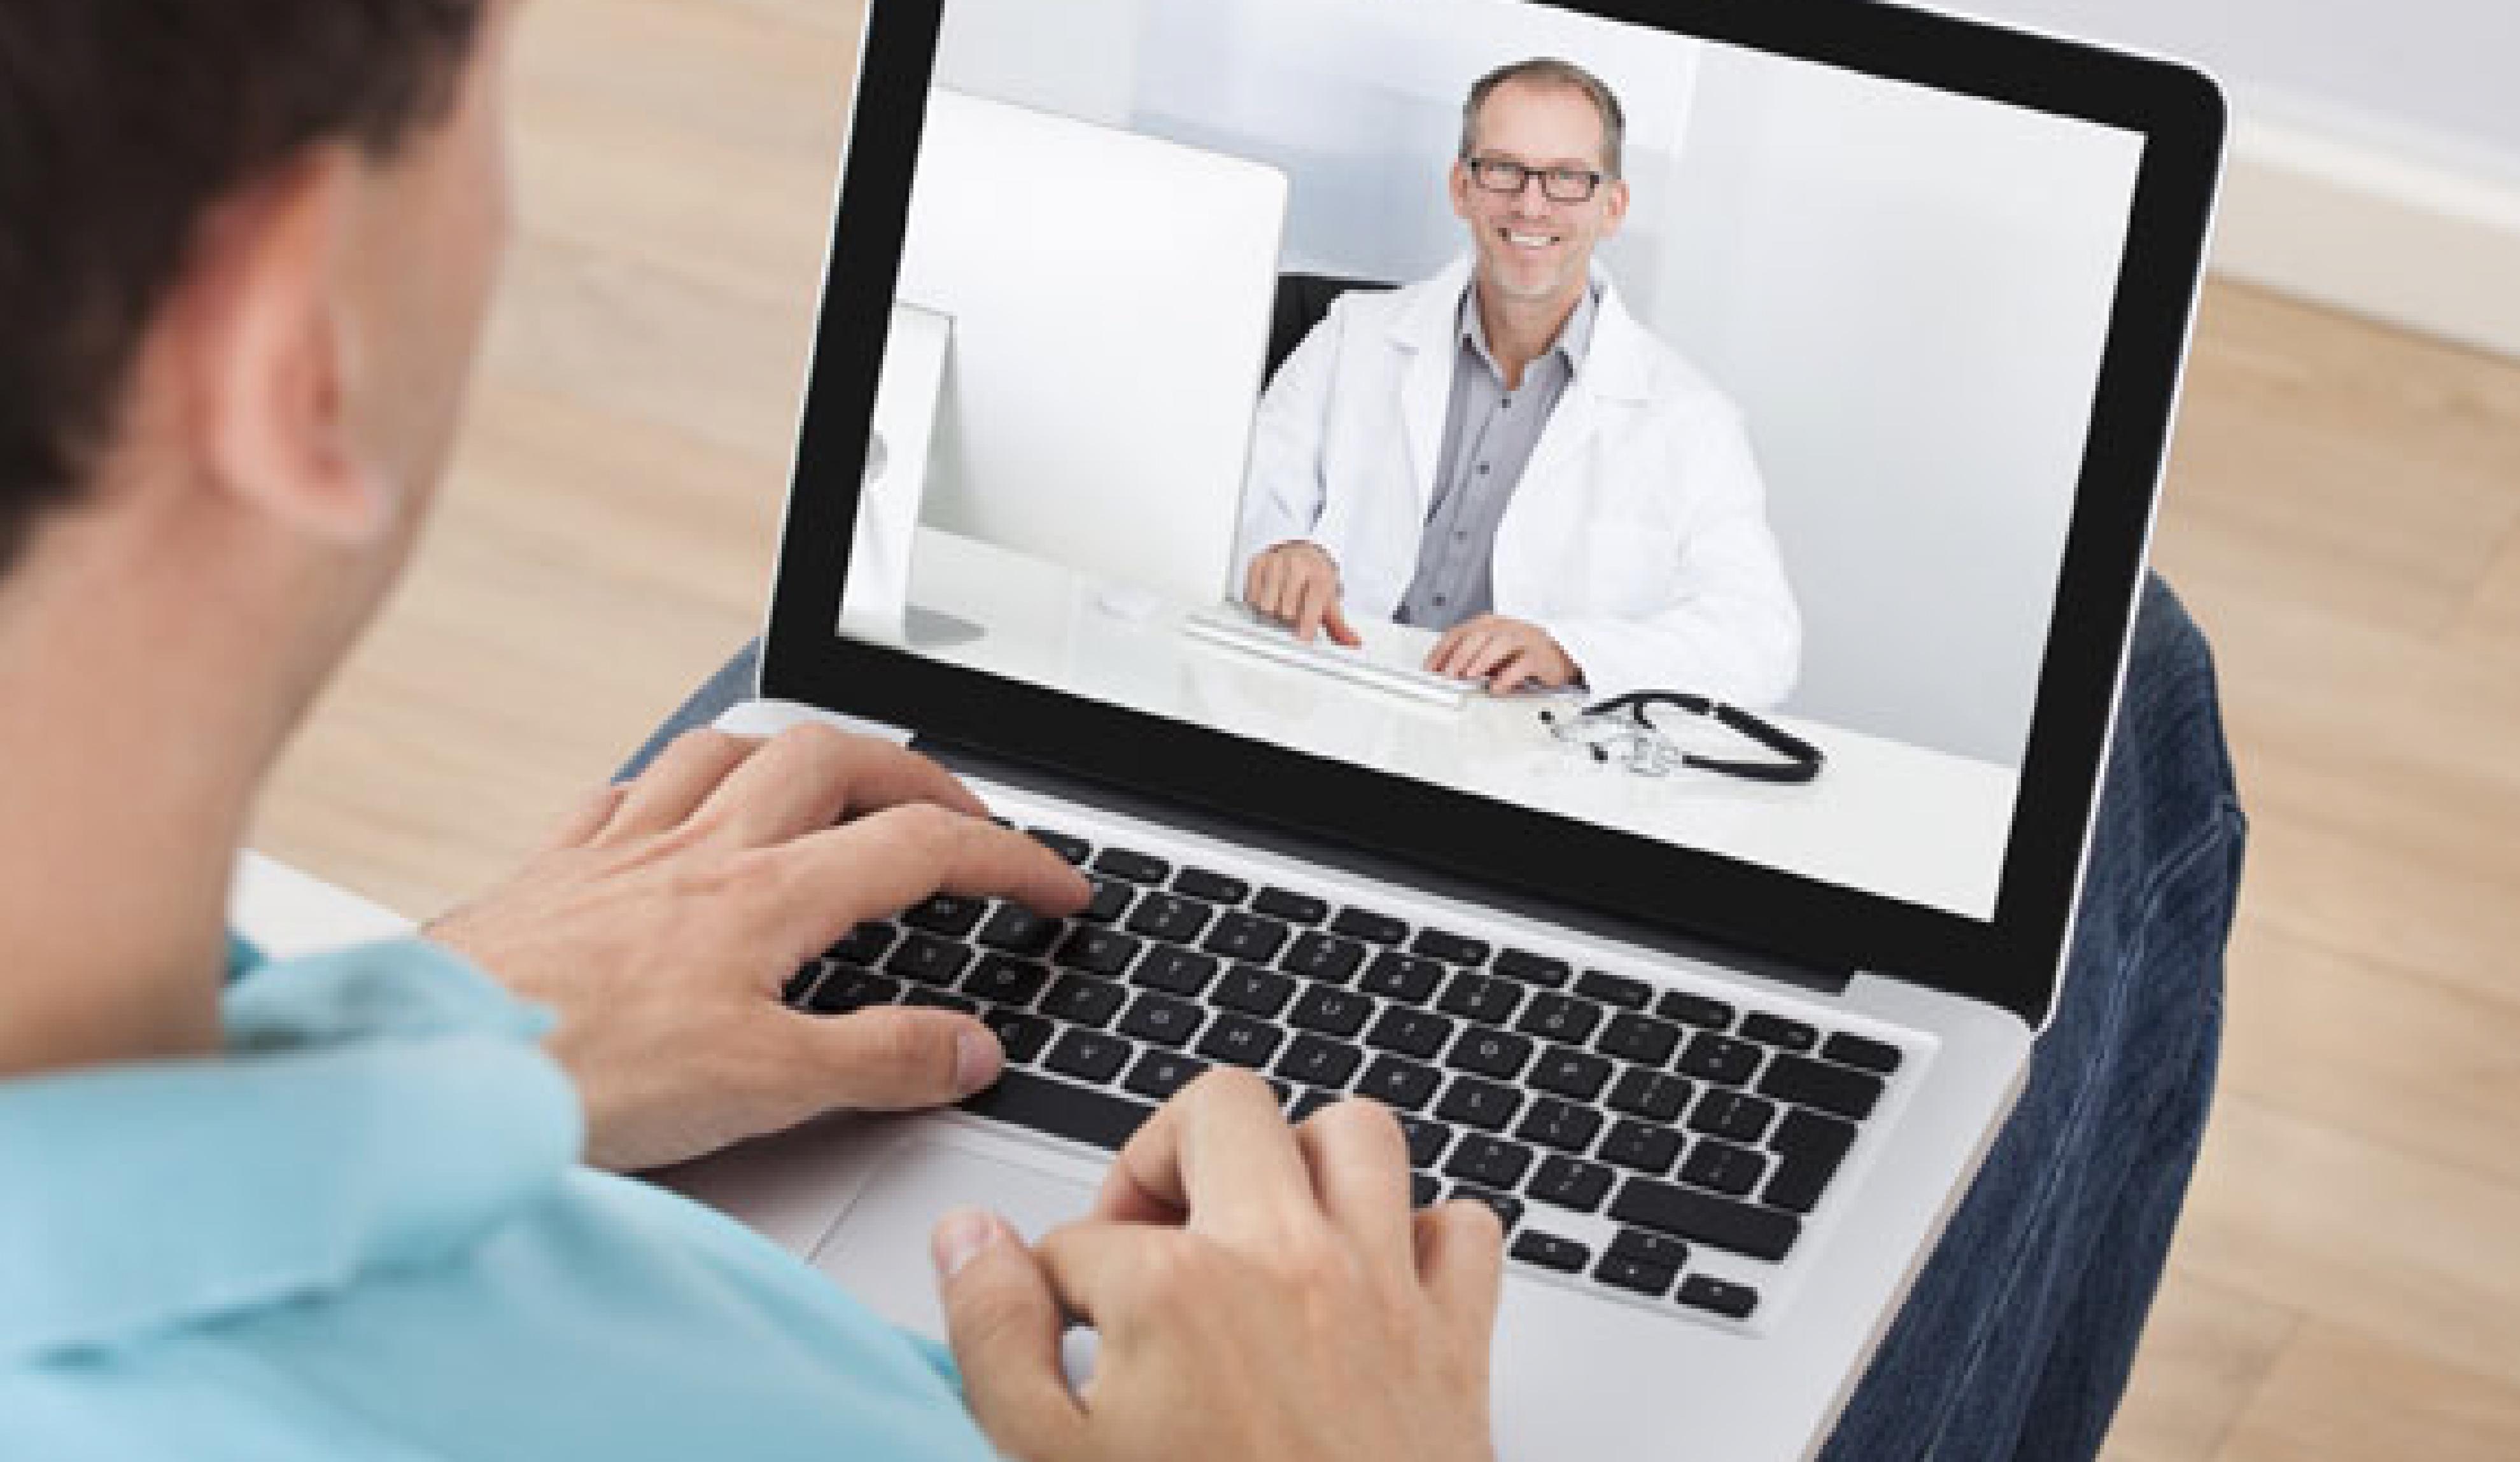 La telemedicina mejora la experiencia de los pacientes